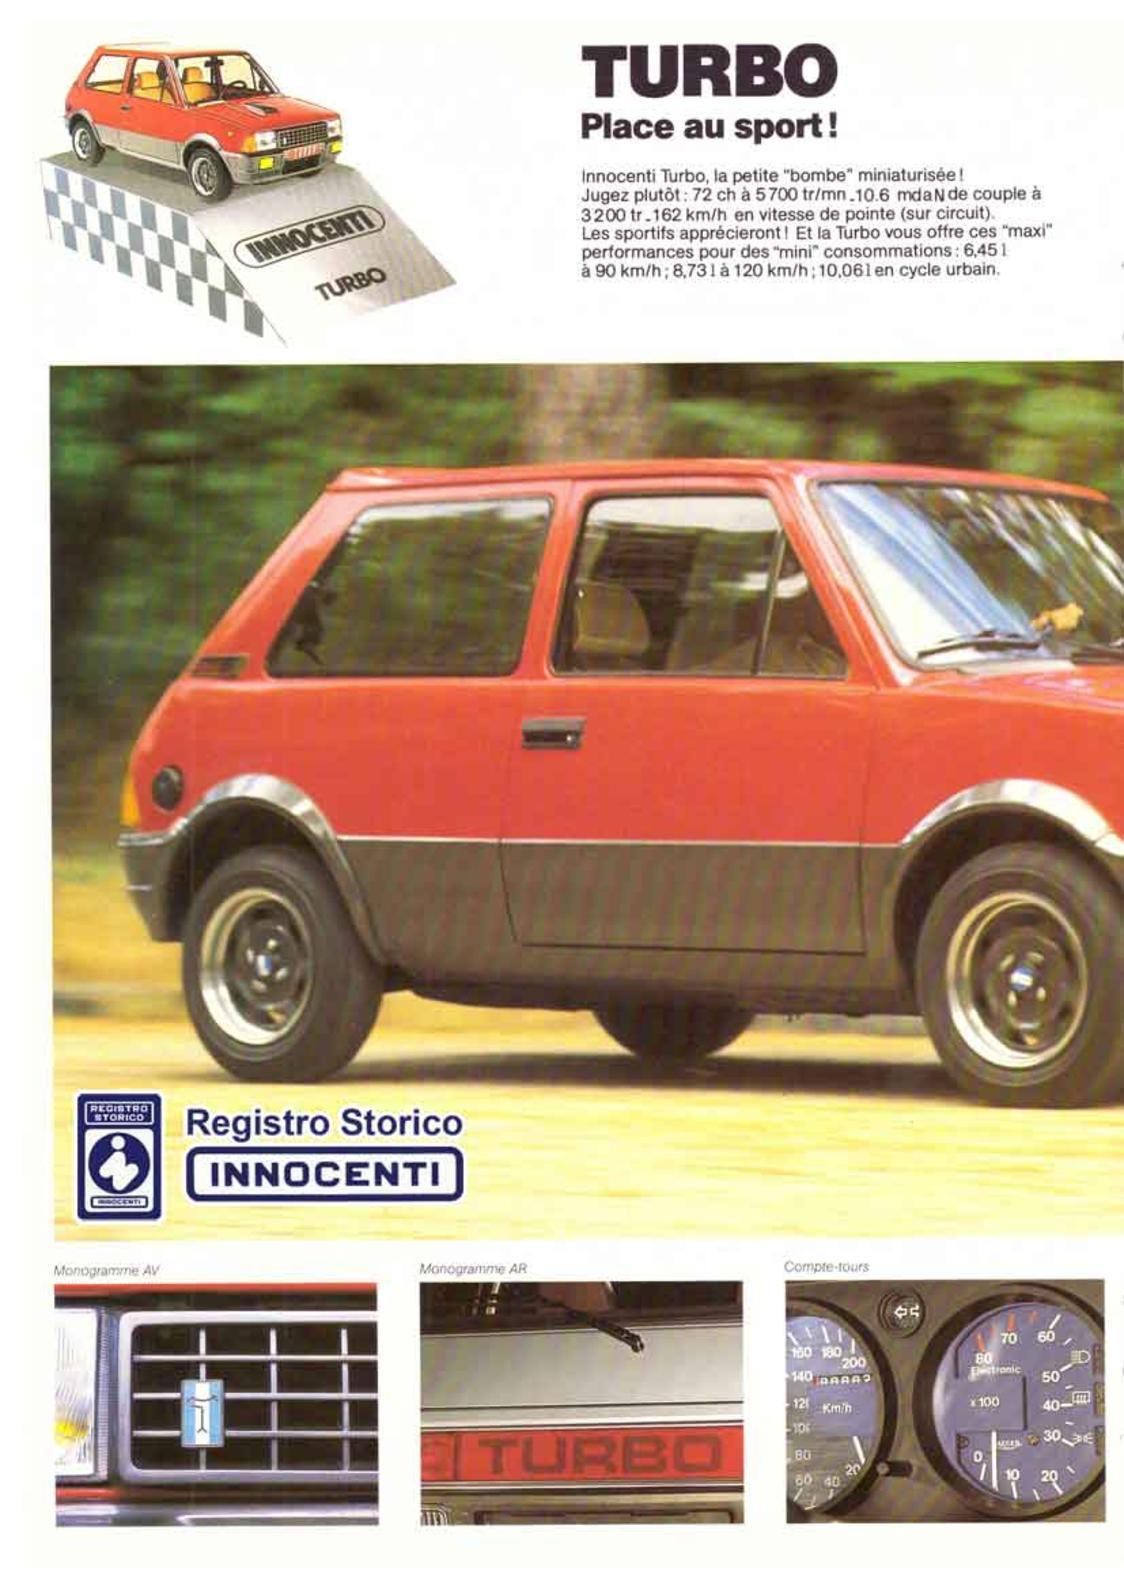 1987 Innocenti France Calameo Downloader